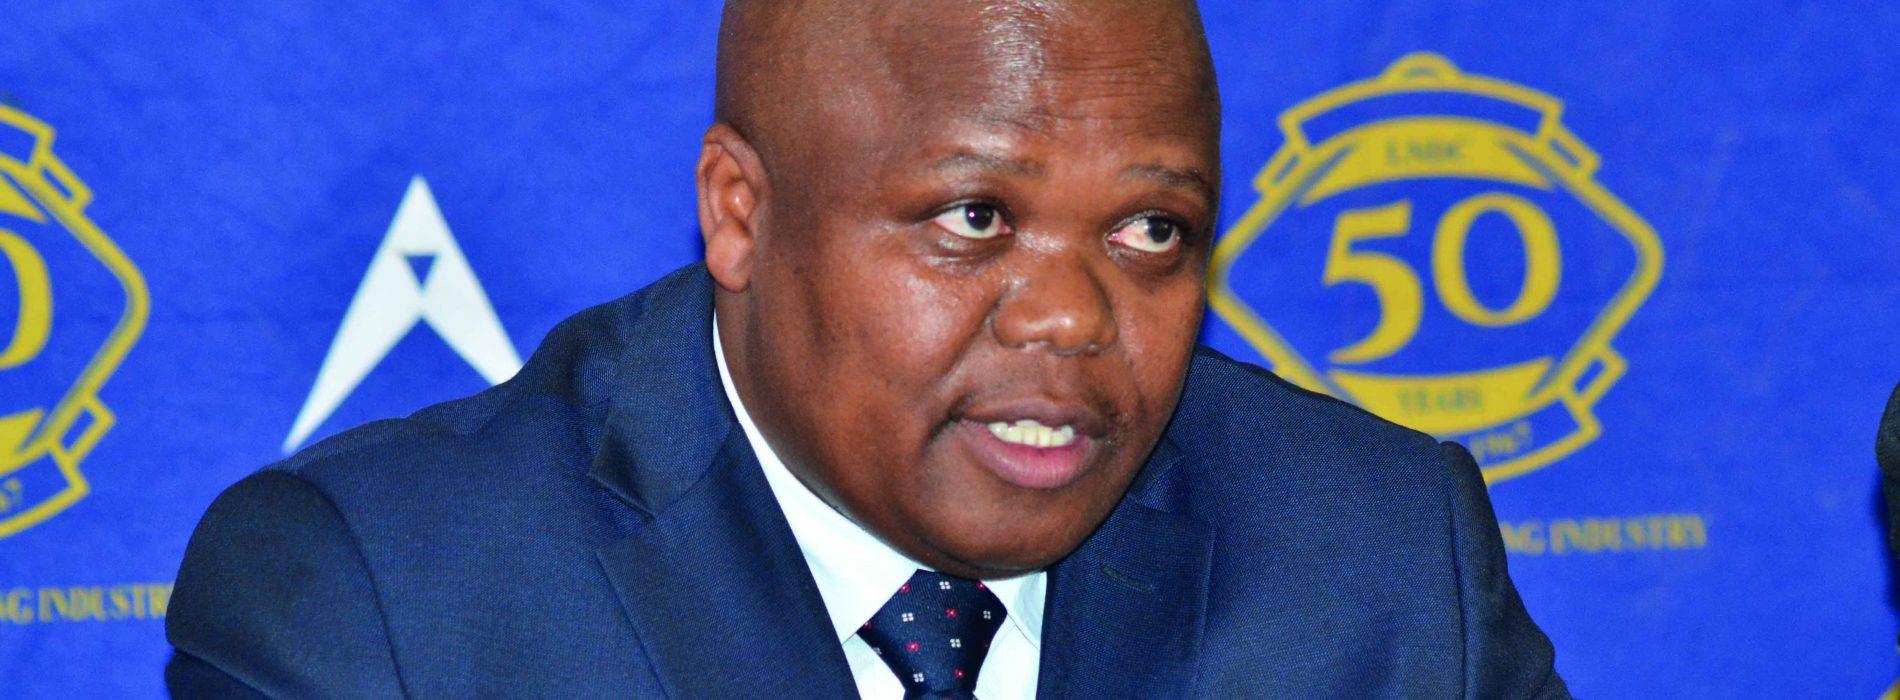 LNDC boss pleads for funding